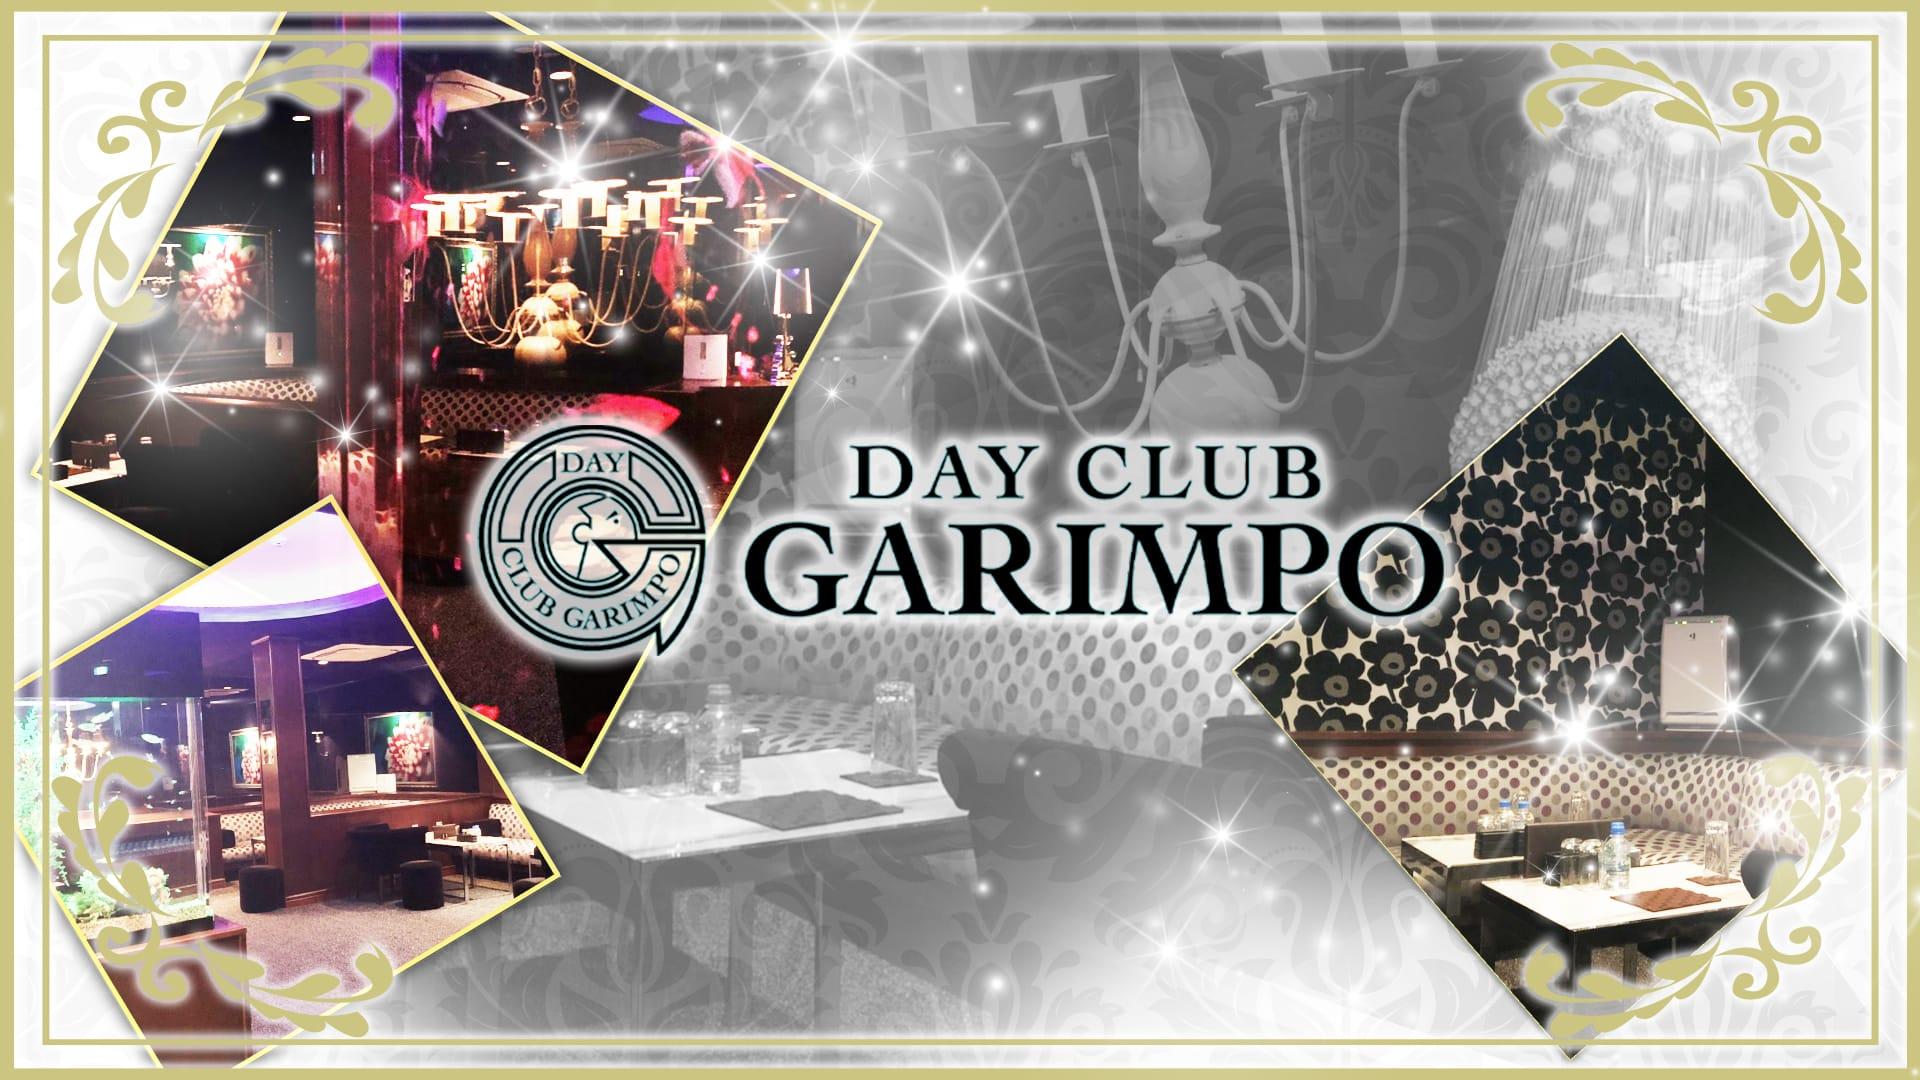 【昼キャバ】DAY CLUB GARIMPO(デイクラブ ガリンポ) 錦糸町昼キャバ・朝キャバ TOP画像